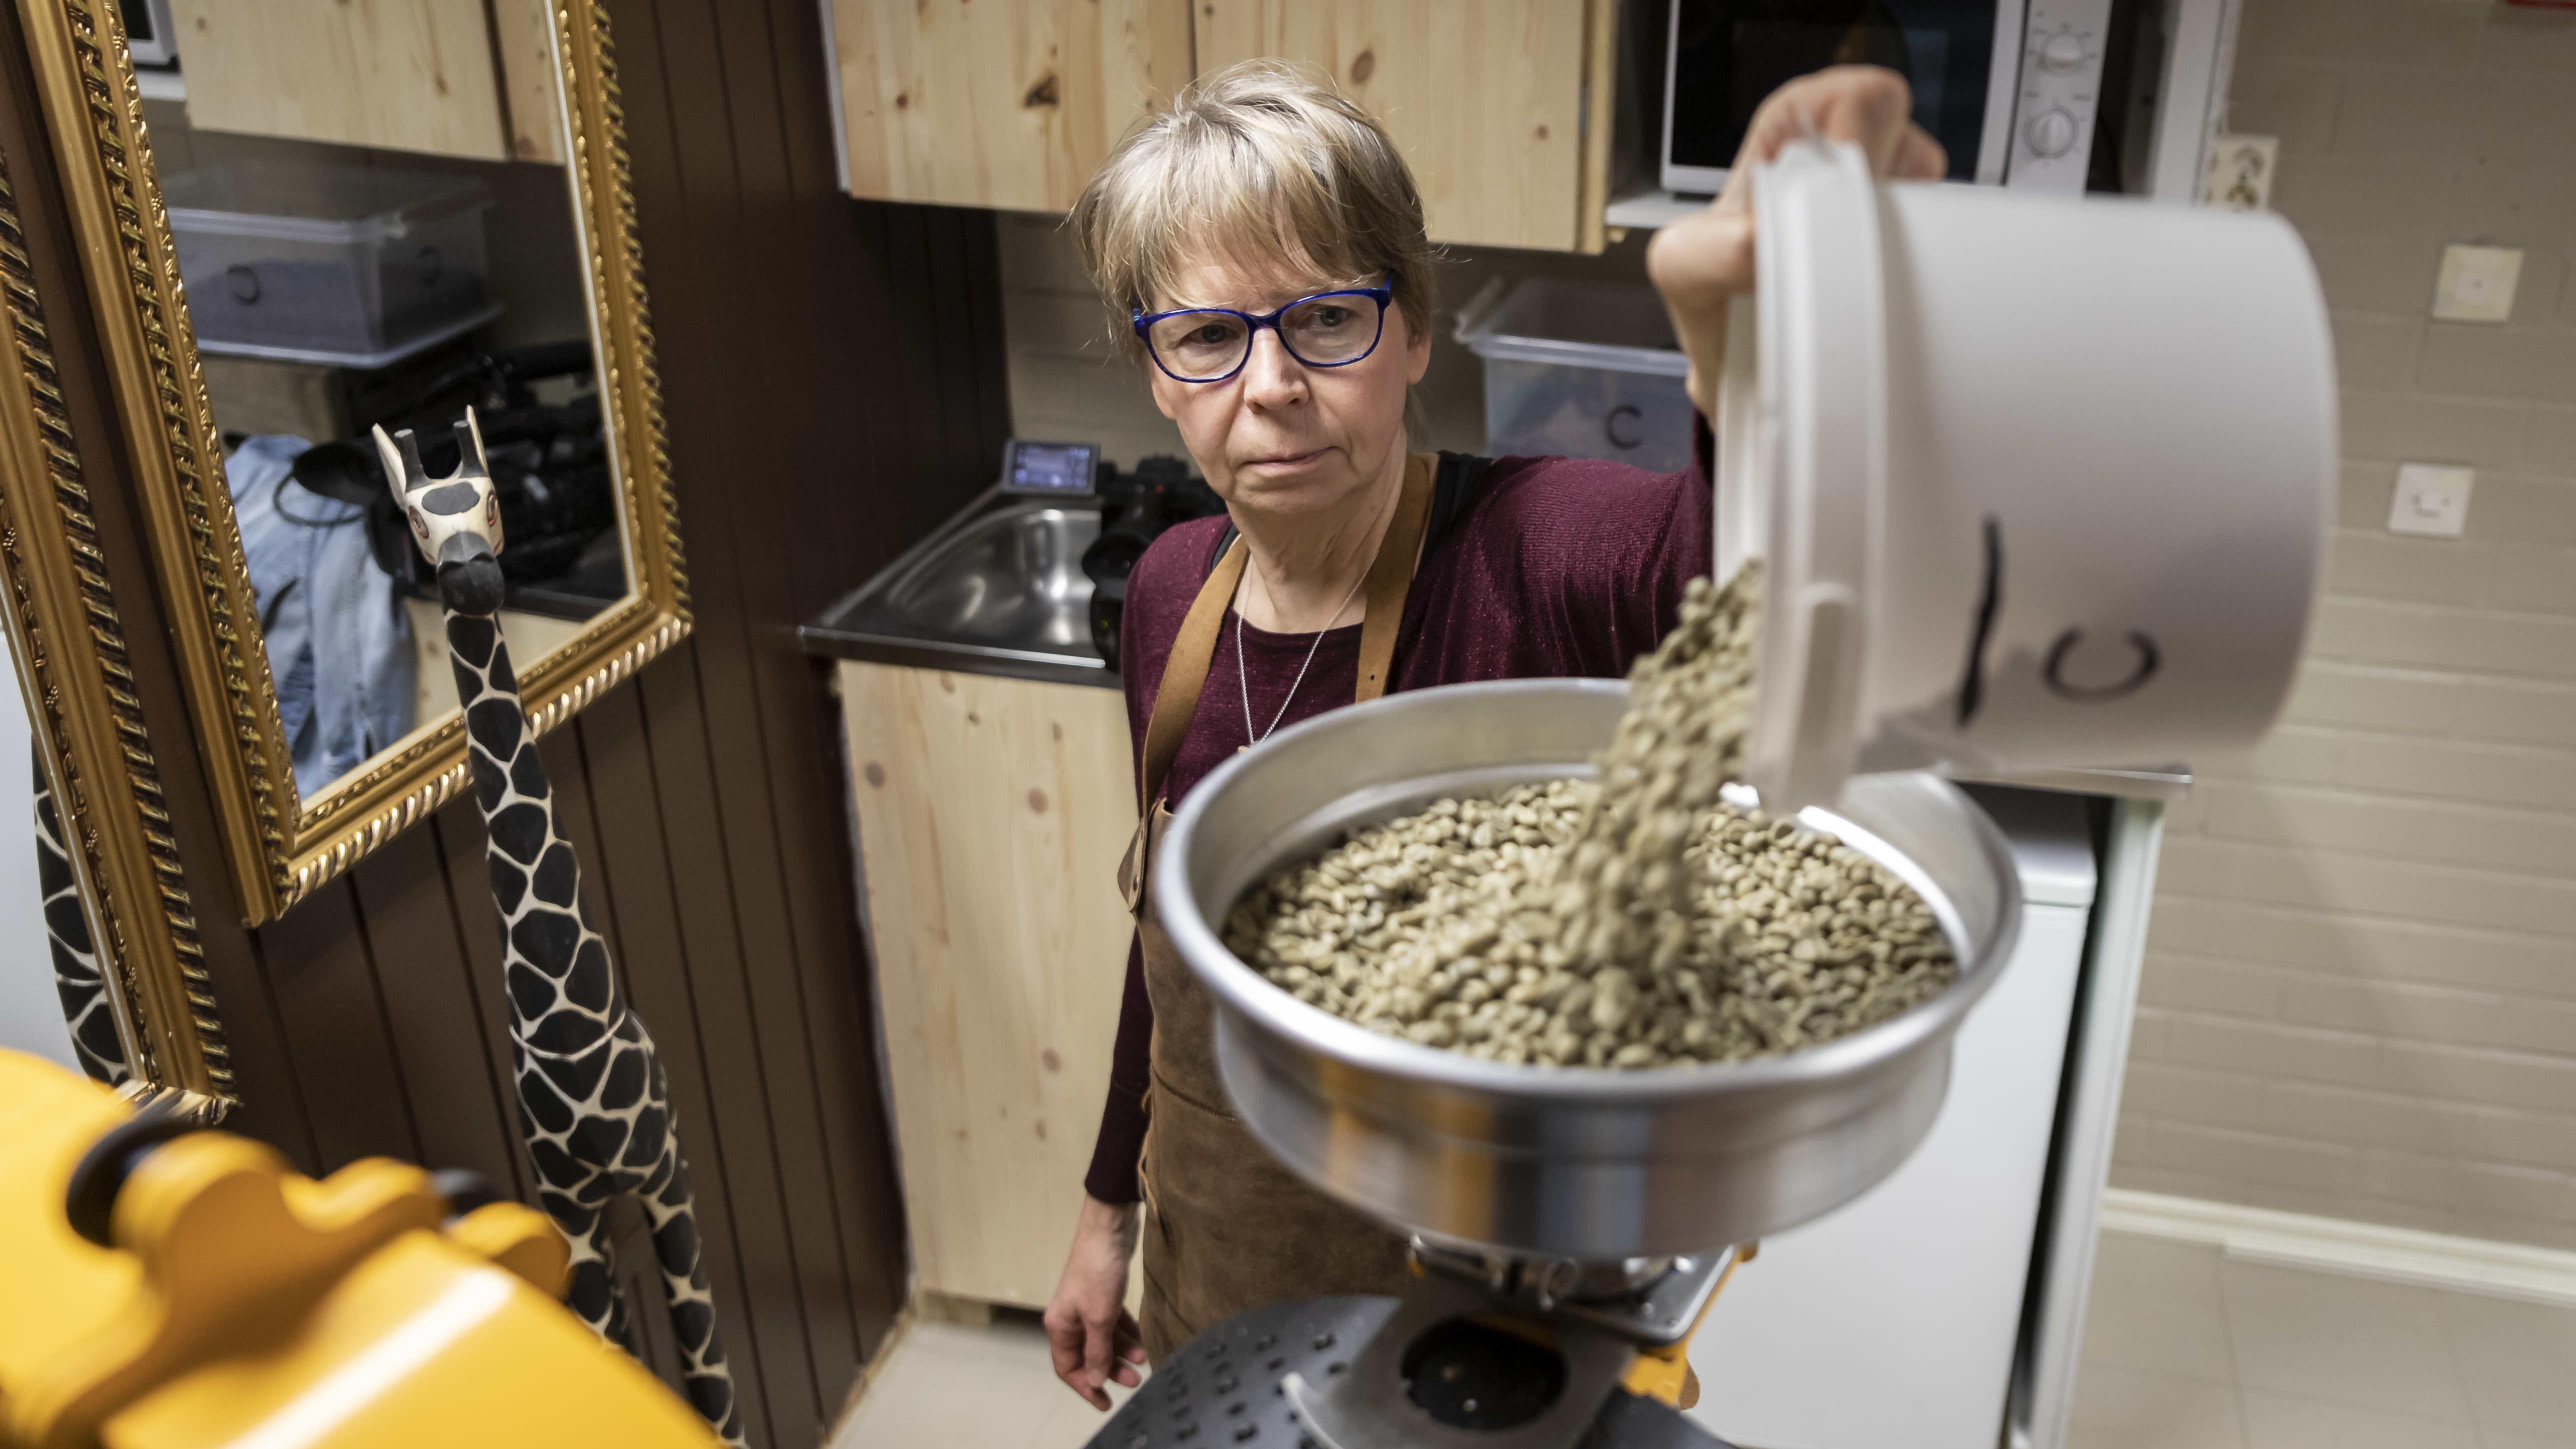 Nainen kaataa kahvipapuja valkoisesta ämpäristä kahvipaahtimeen.